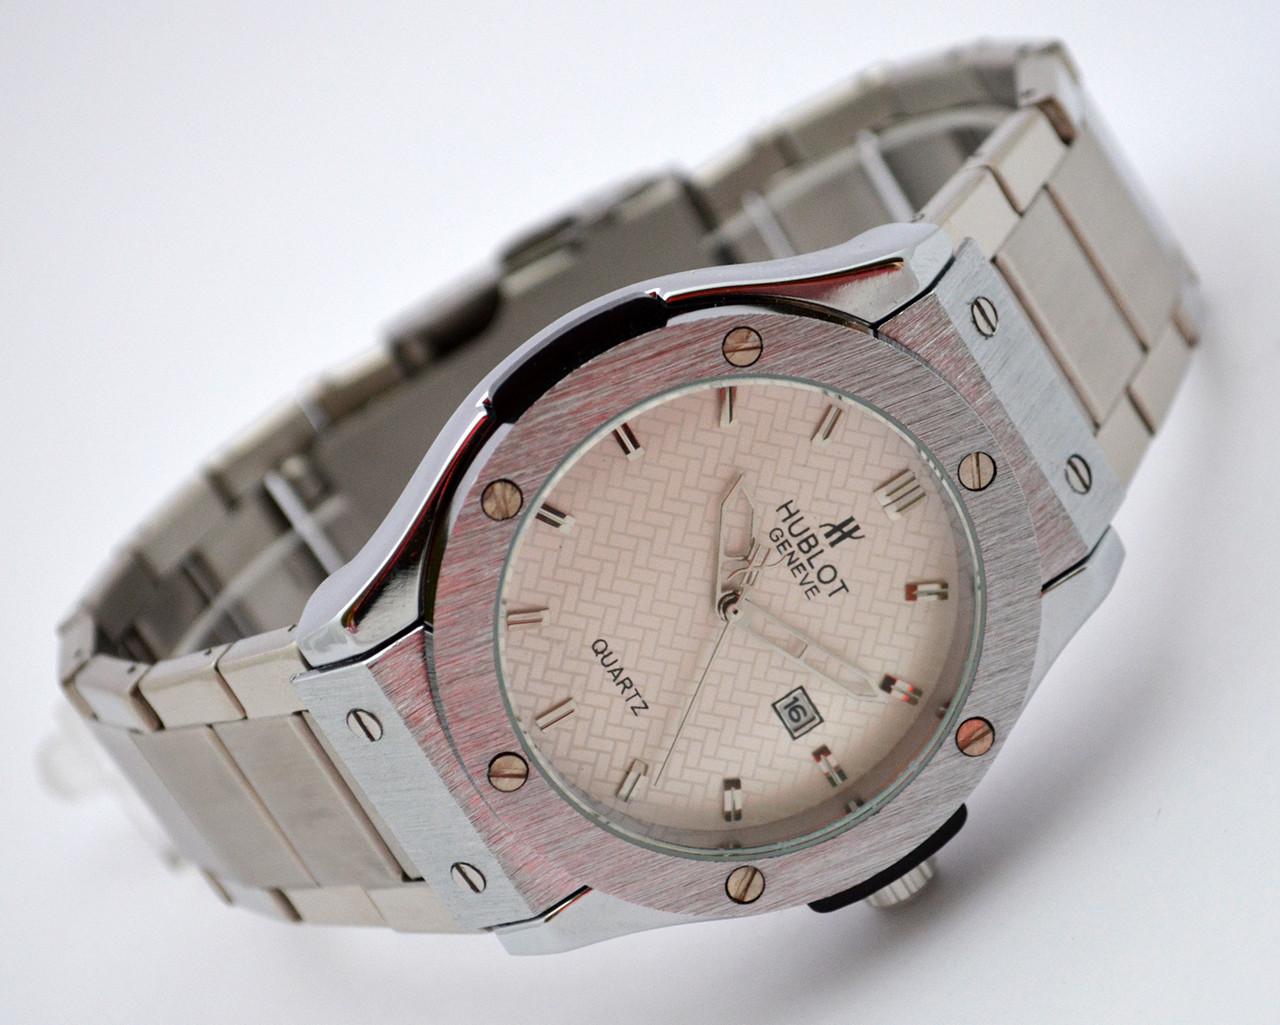 Стальные часы HUBLOT - GENEVE, стальной браслет - серебристый циферблат, фото 1